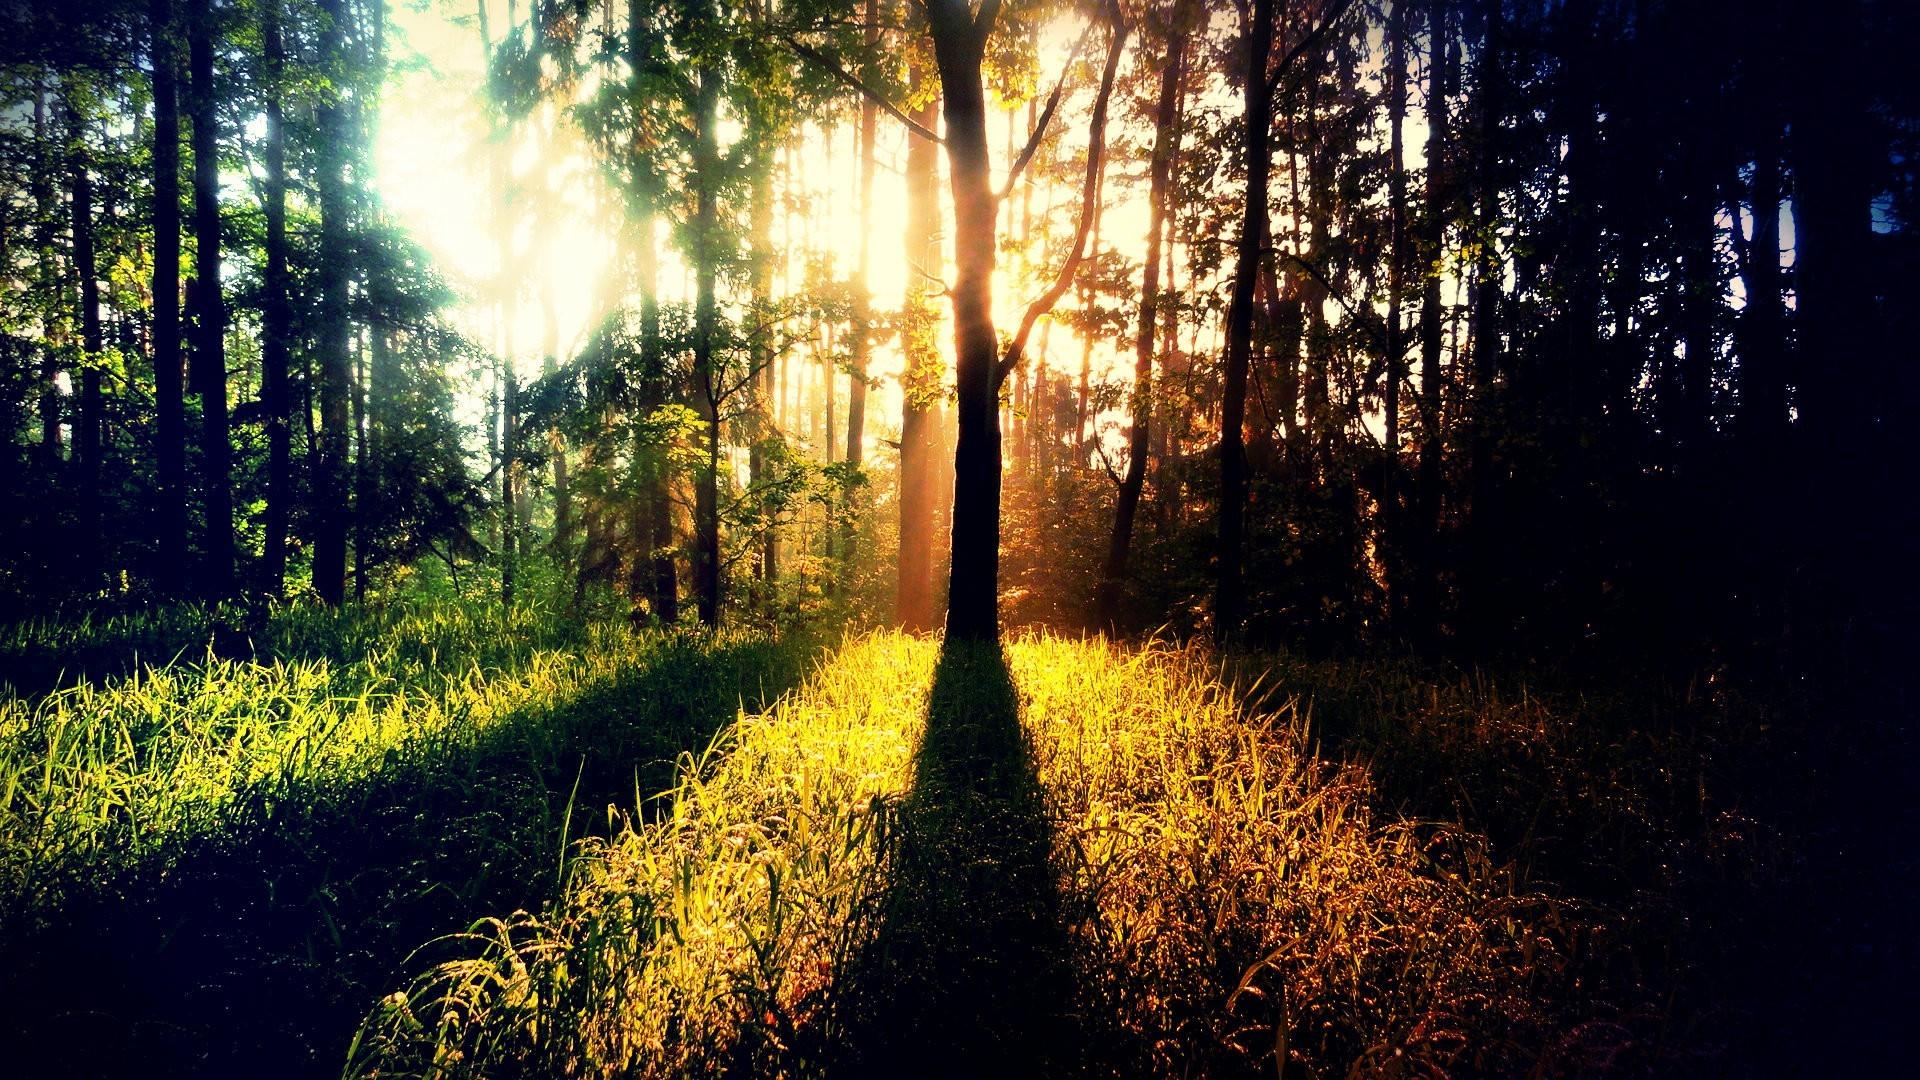 sunshine images photography